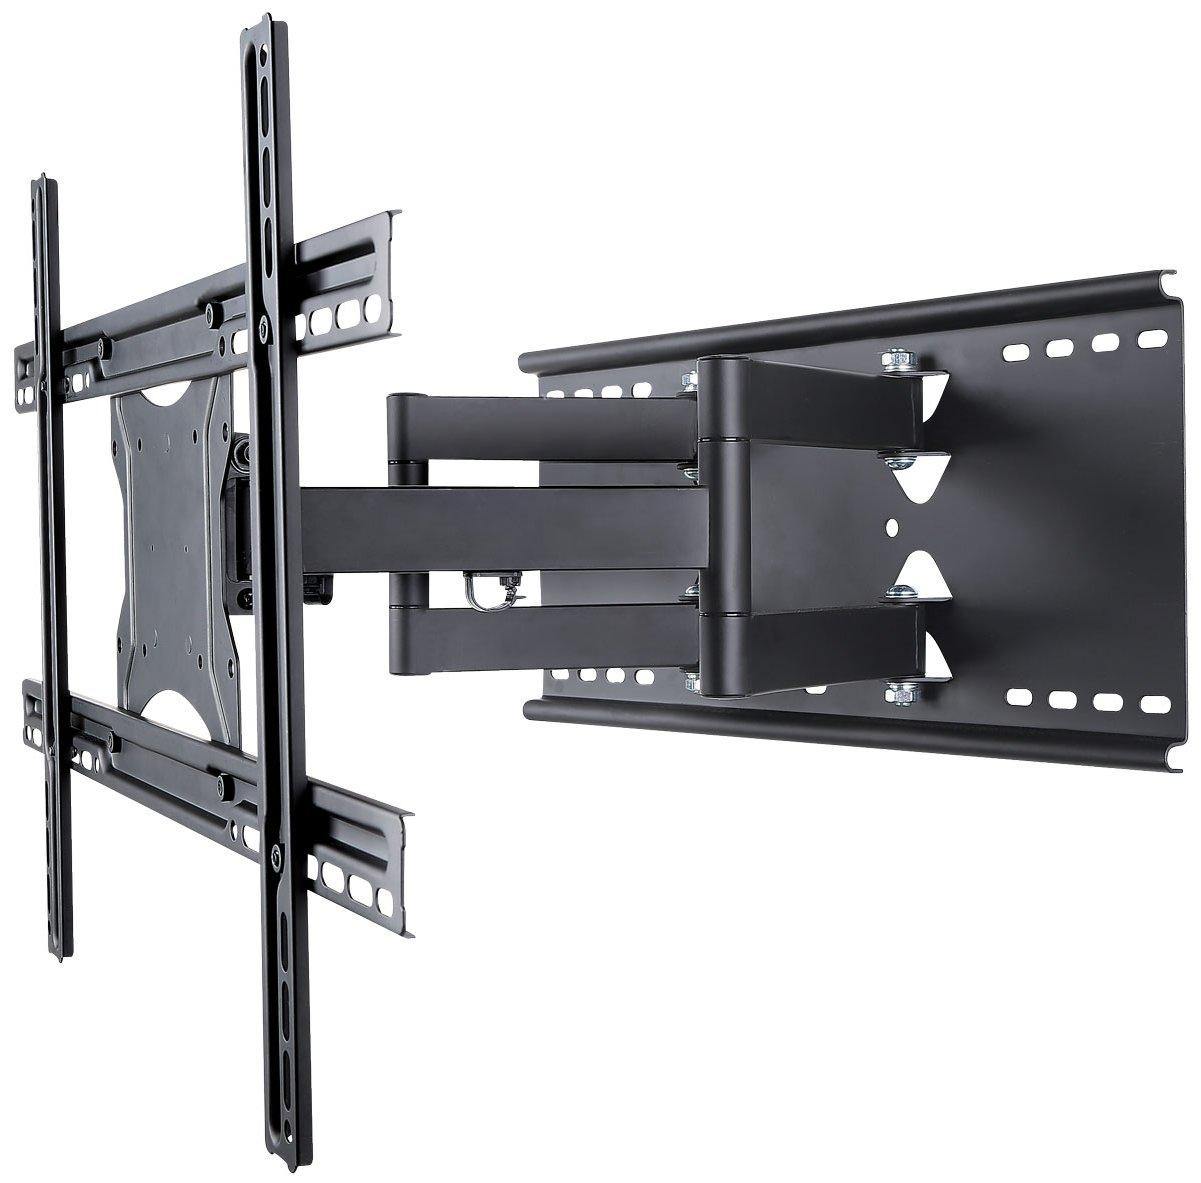 ultimate mounts um137 large cantilever tv bracket. Black Bedroom Furniture Sets. Home Design Ideas